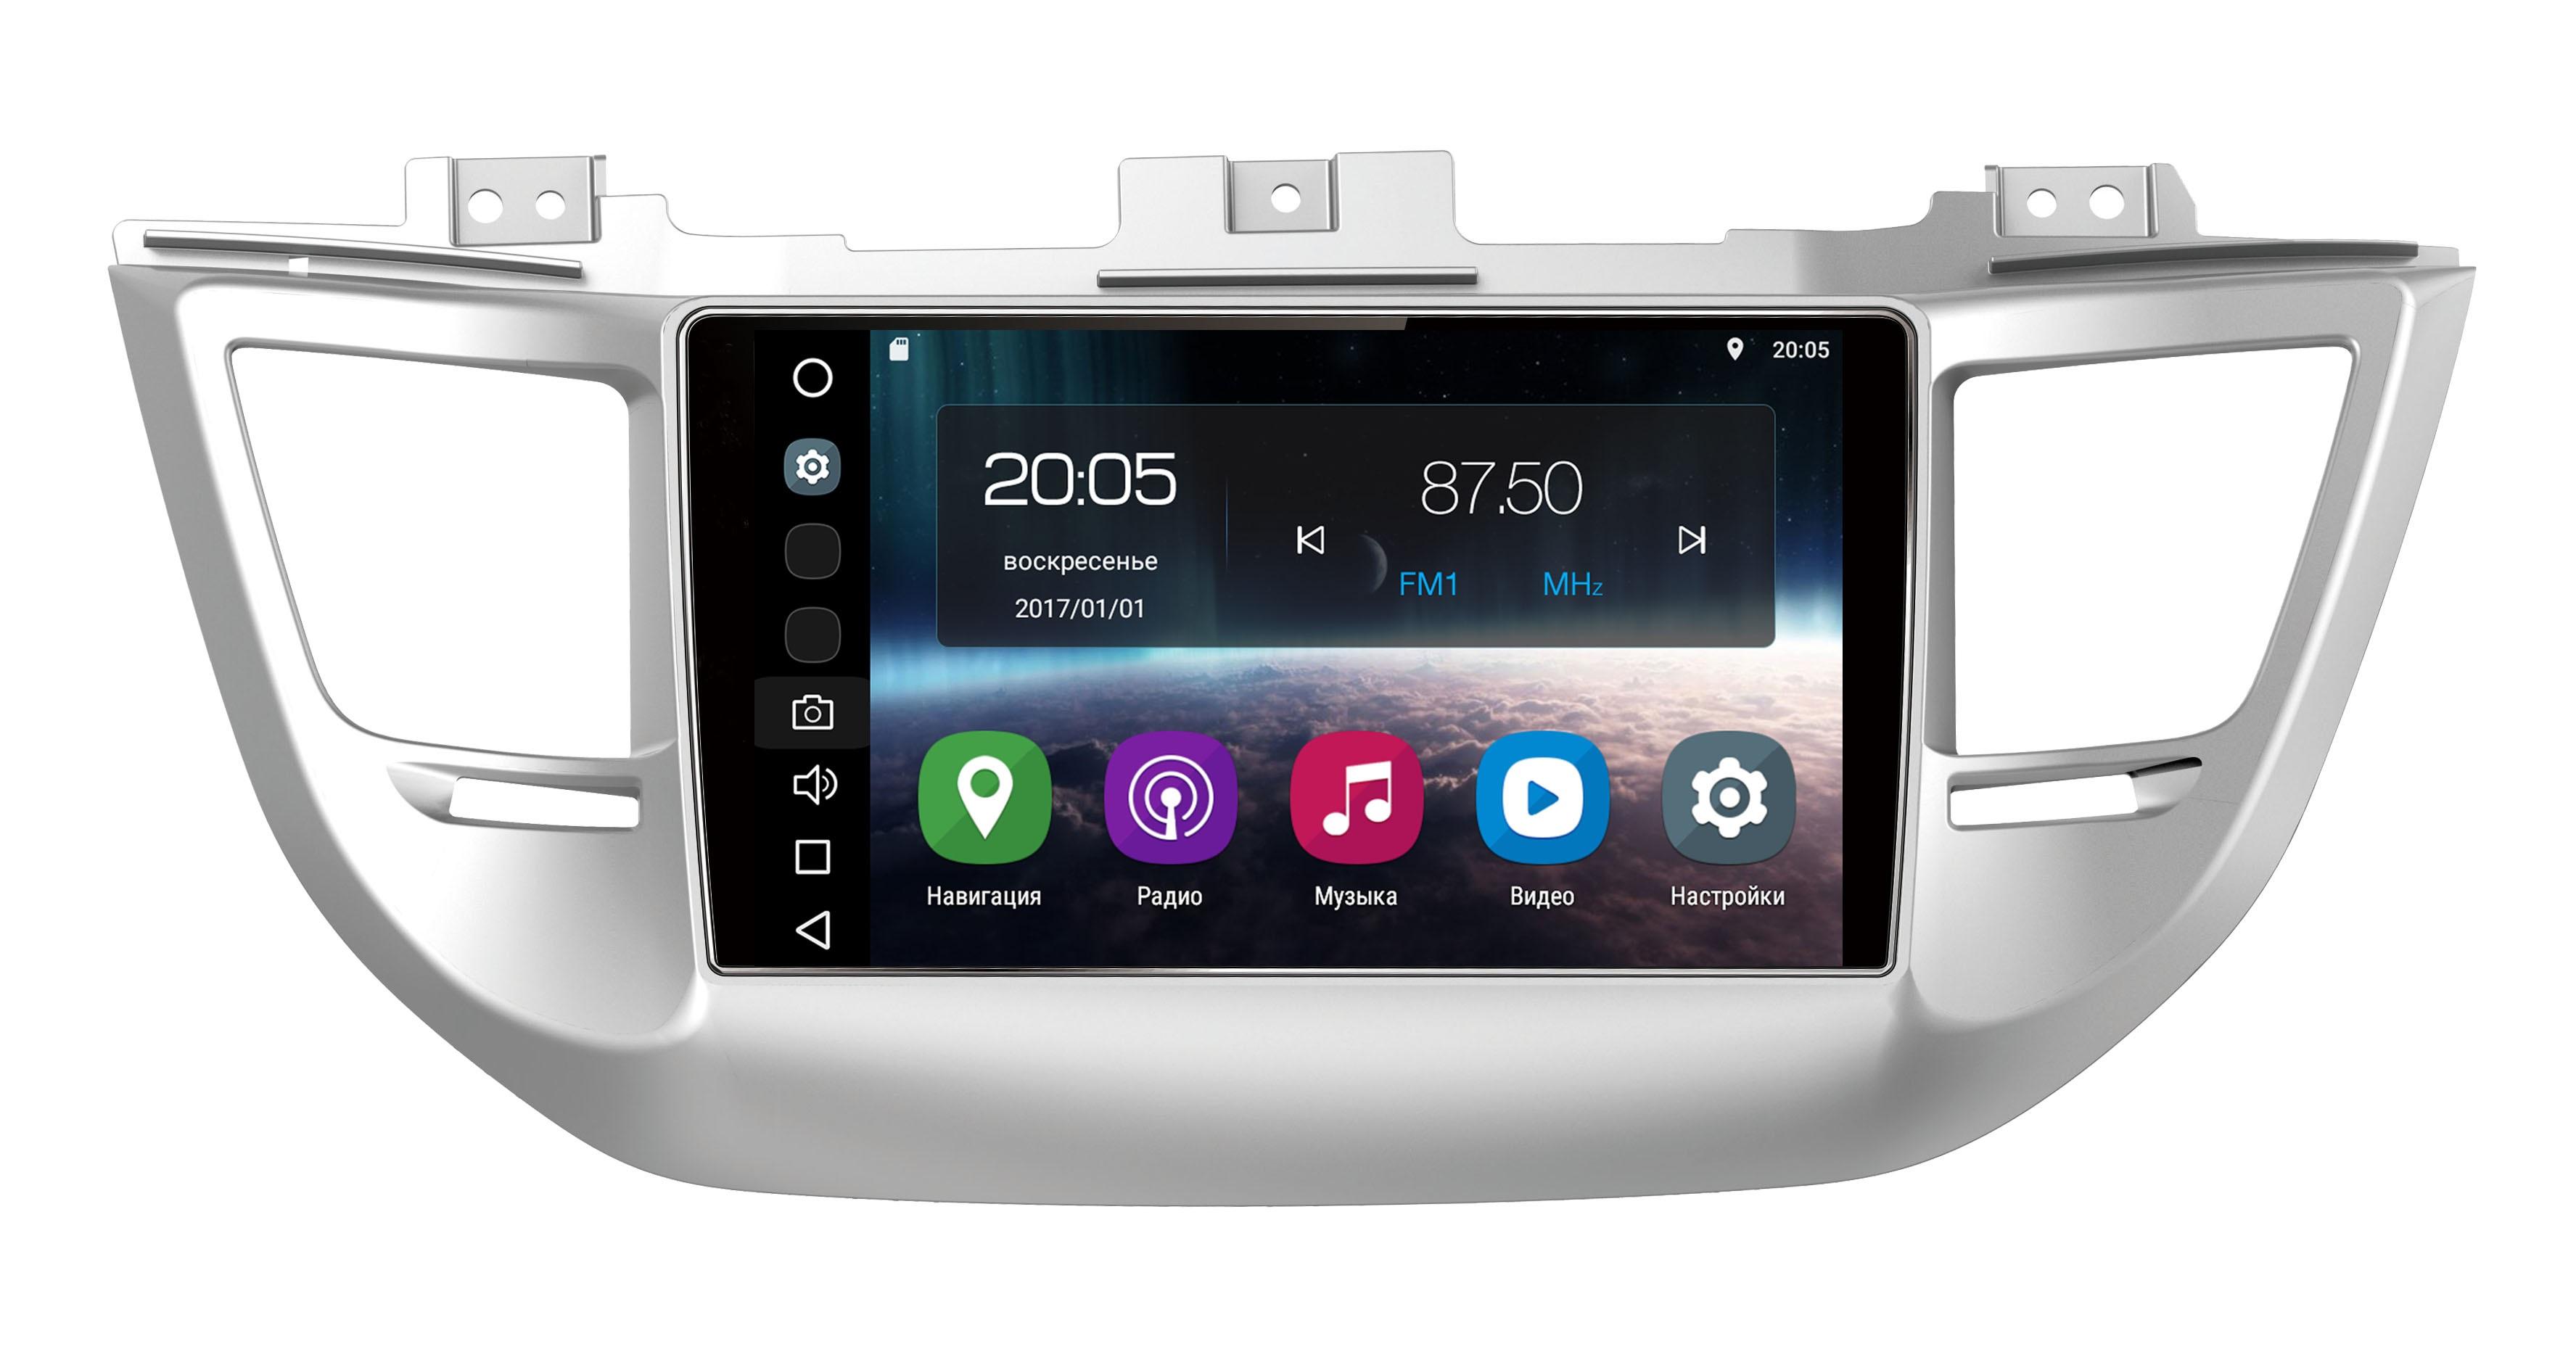 Штатная магнитола FarCar s200 для Hyundai Tucson на Android (V546R) штатная магнитола farcar s200 для hyundai tucson на android v546r dsp